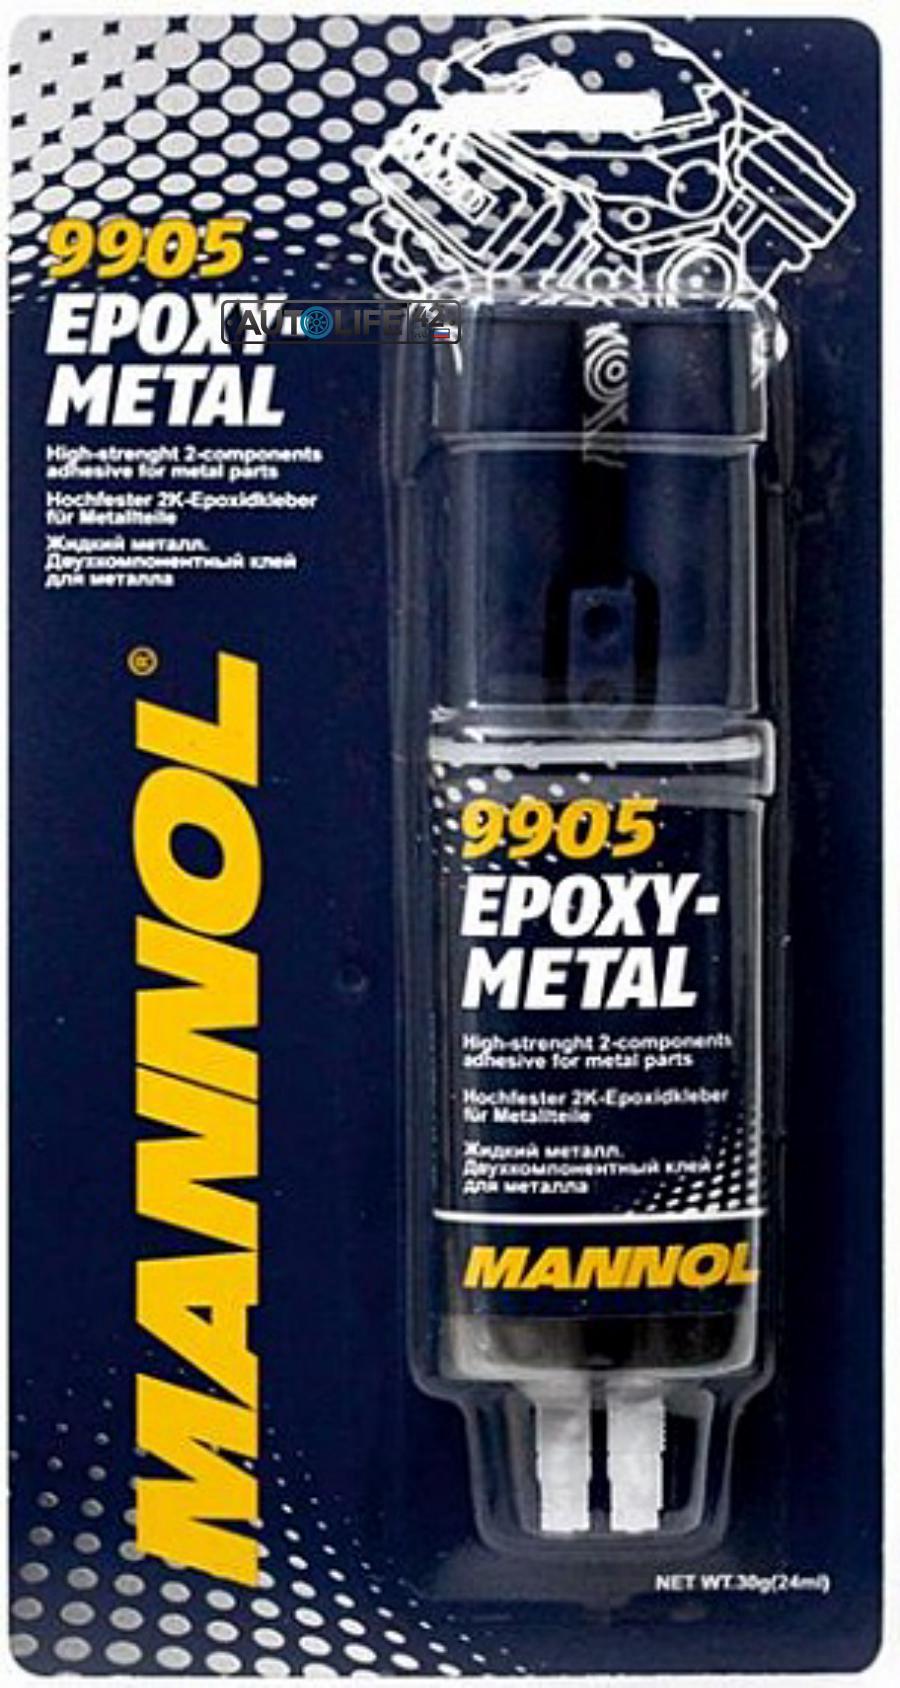 Клей Жидкий металл MANNOL 9905 Epoxy-Metal